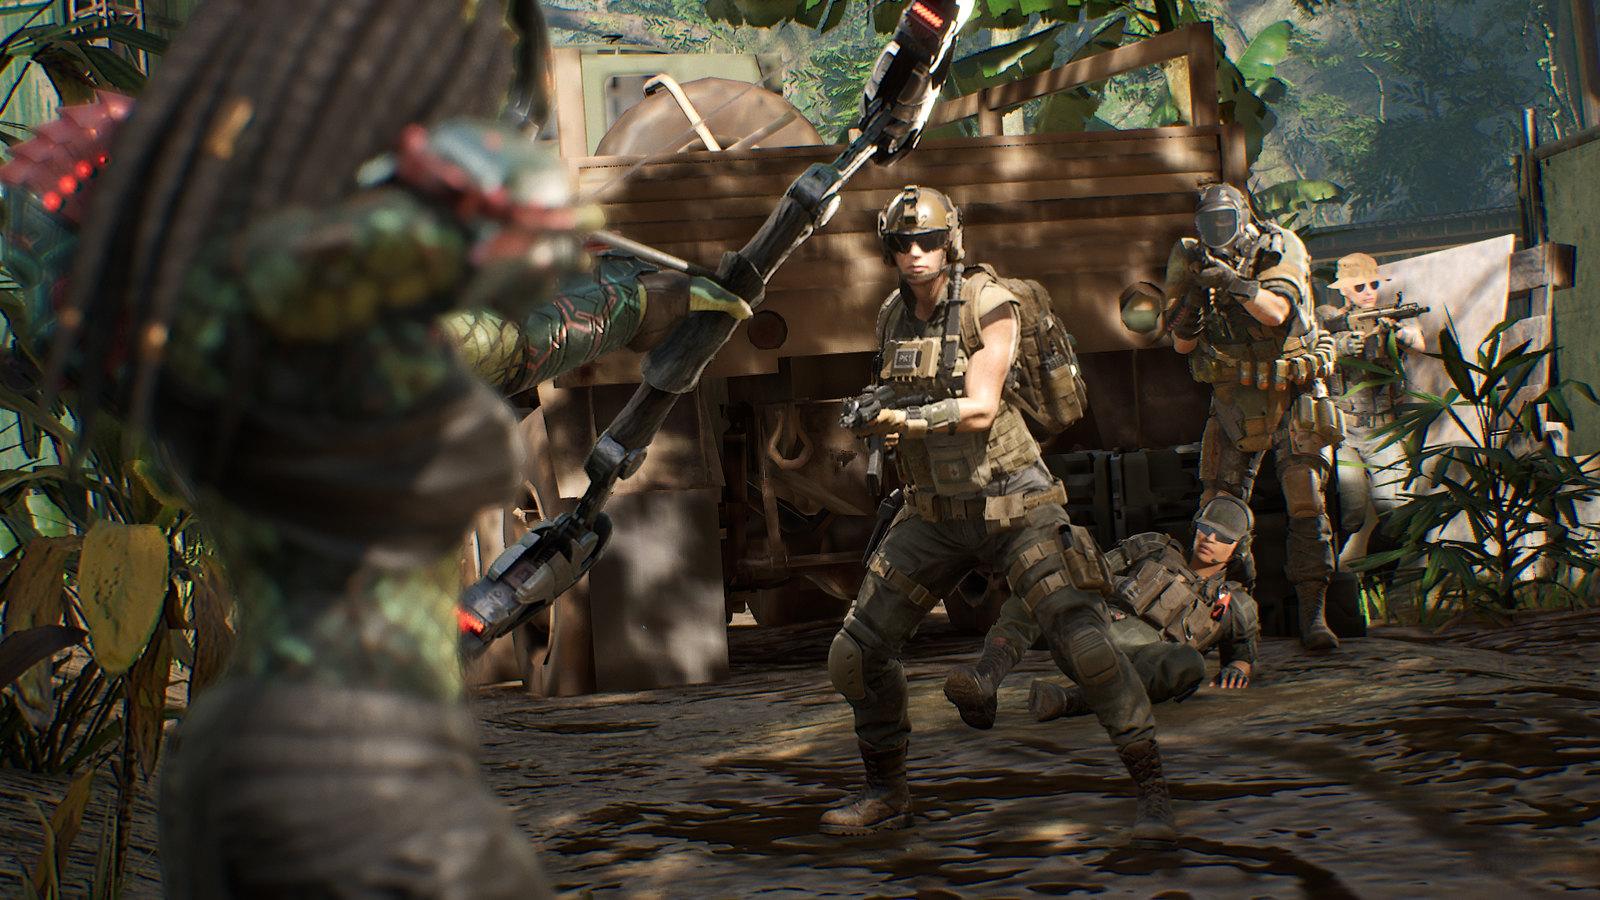 《铁血战士:狩猎场》3月27日开启试玩周末 支持跨平台